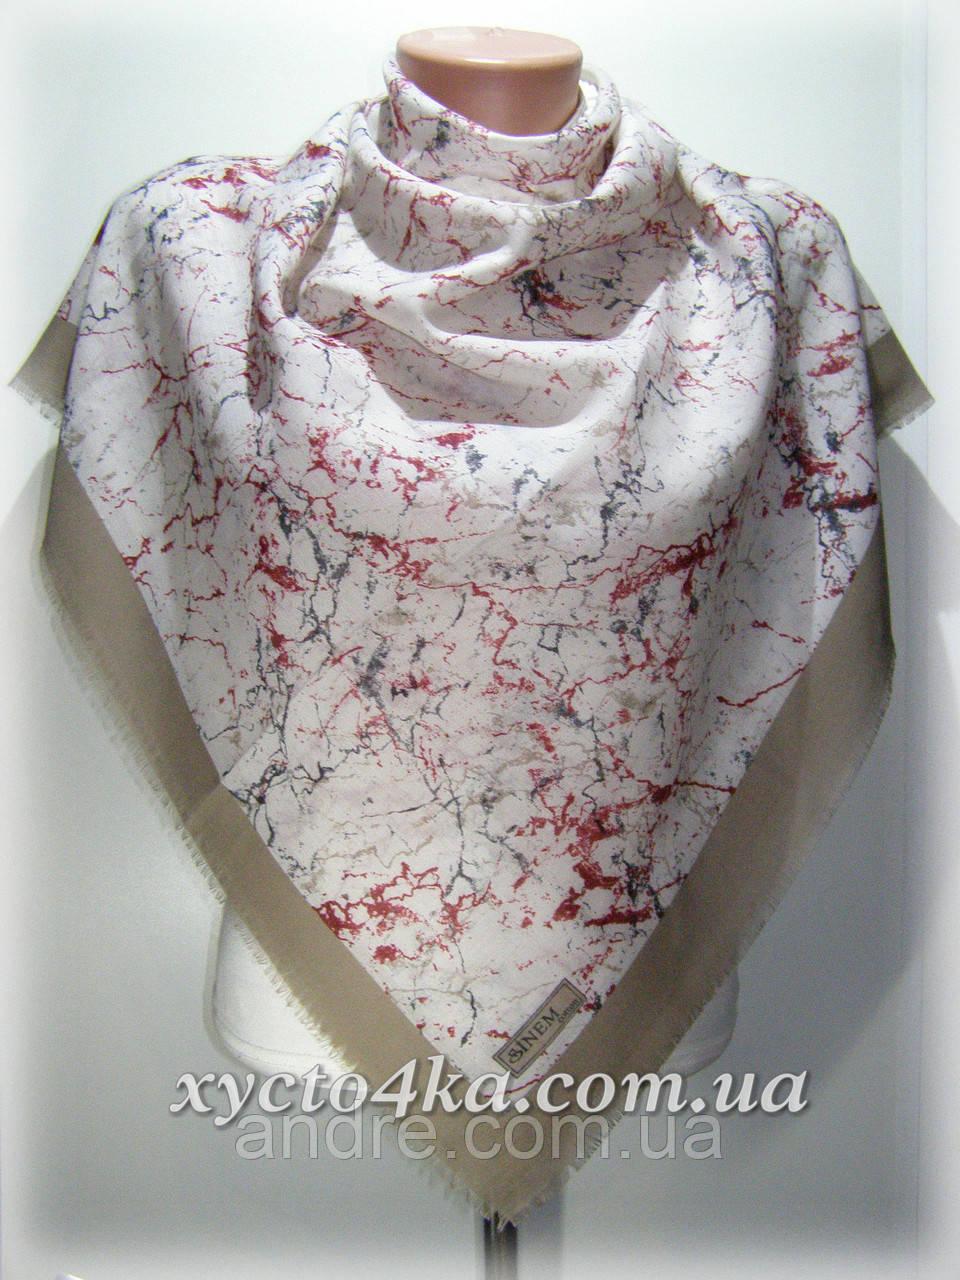 Уплотненный натуральный платок Паутинка, бежевый